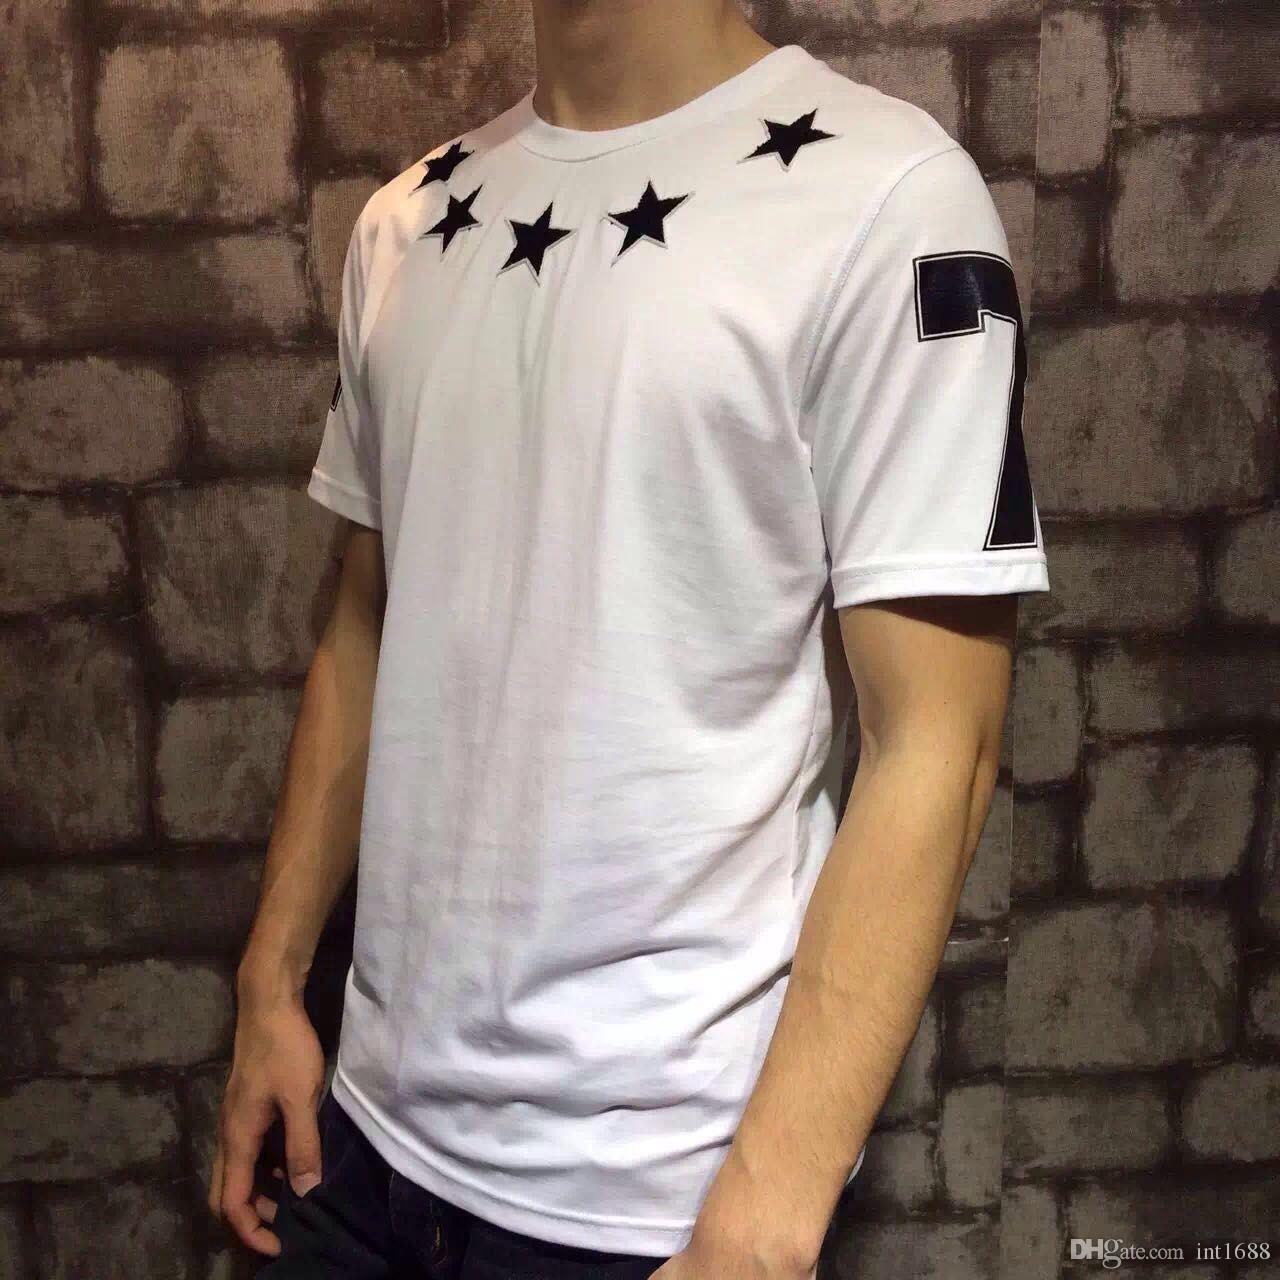 2016 جديد أزياء الصيف تي شيرت الرجال س الرقبة القطن يتدفقون الخماسي 47 الرقمية قصيرة الأكمام الرجال القميص الرجال ماركة الملابس